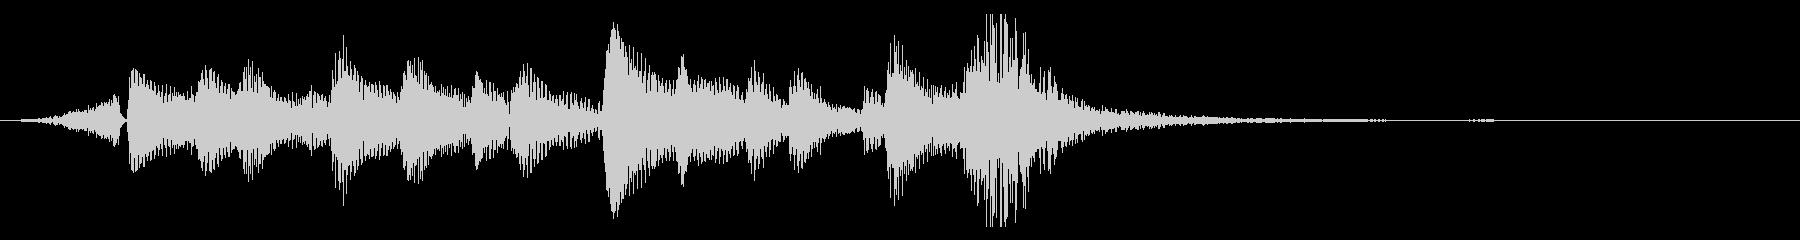 ウクレレの爽やかジングル、サウンドロゴ9の未再生の波形